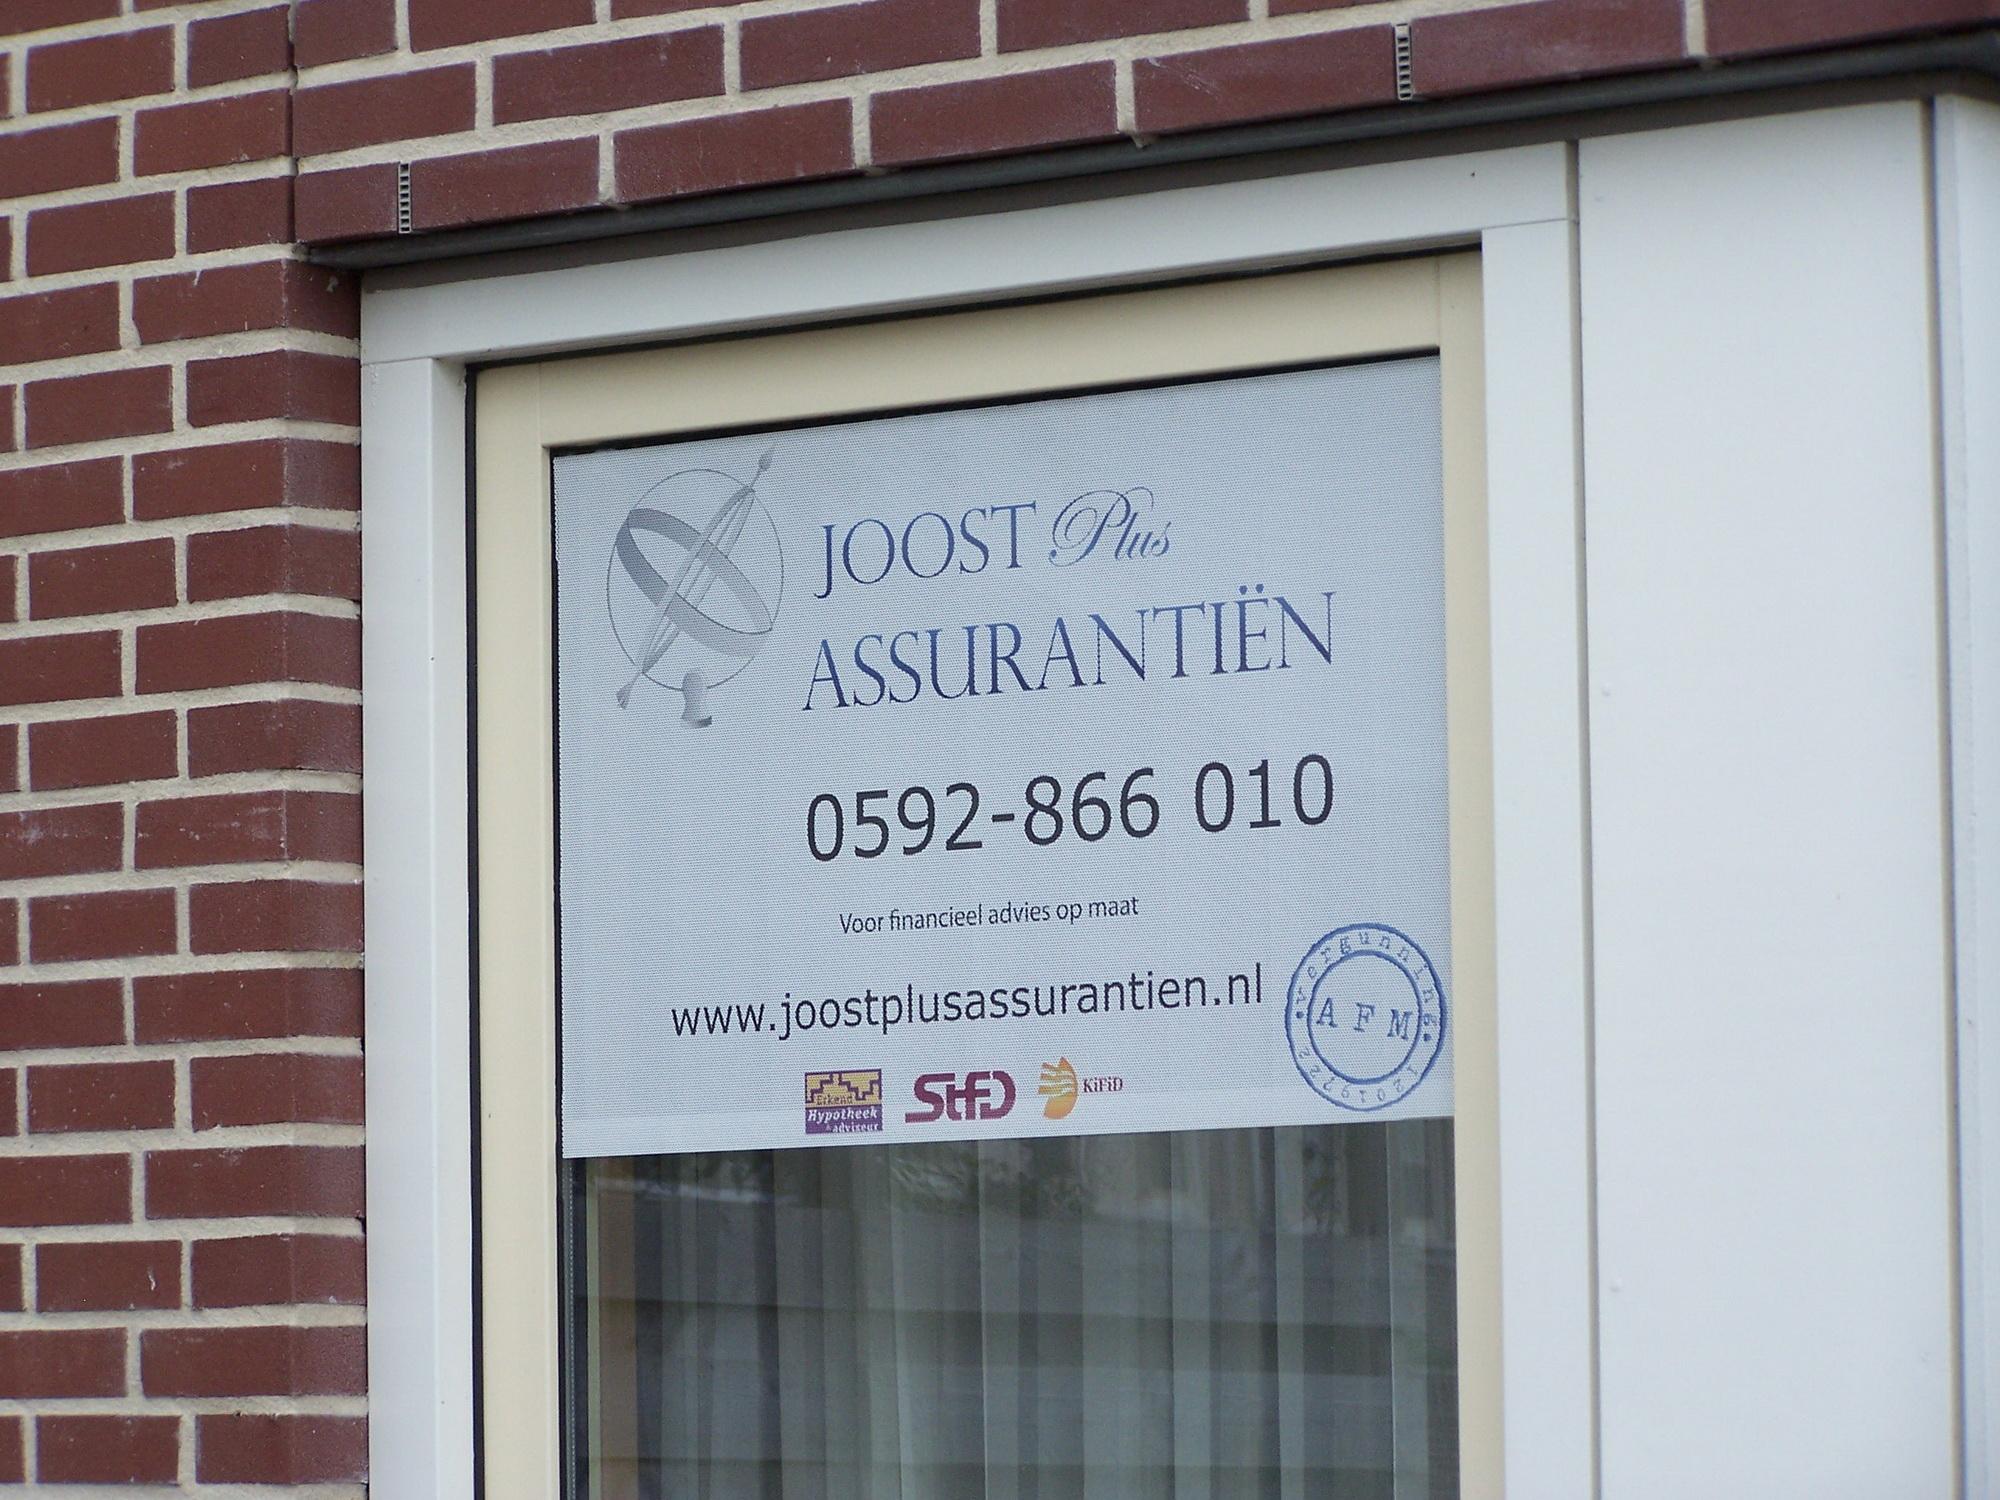 Joost Plus